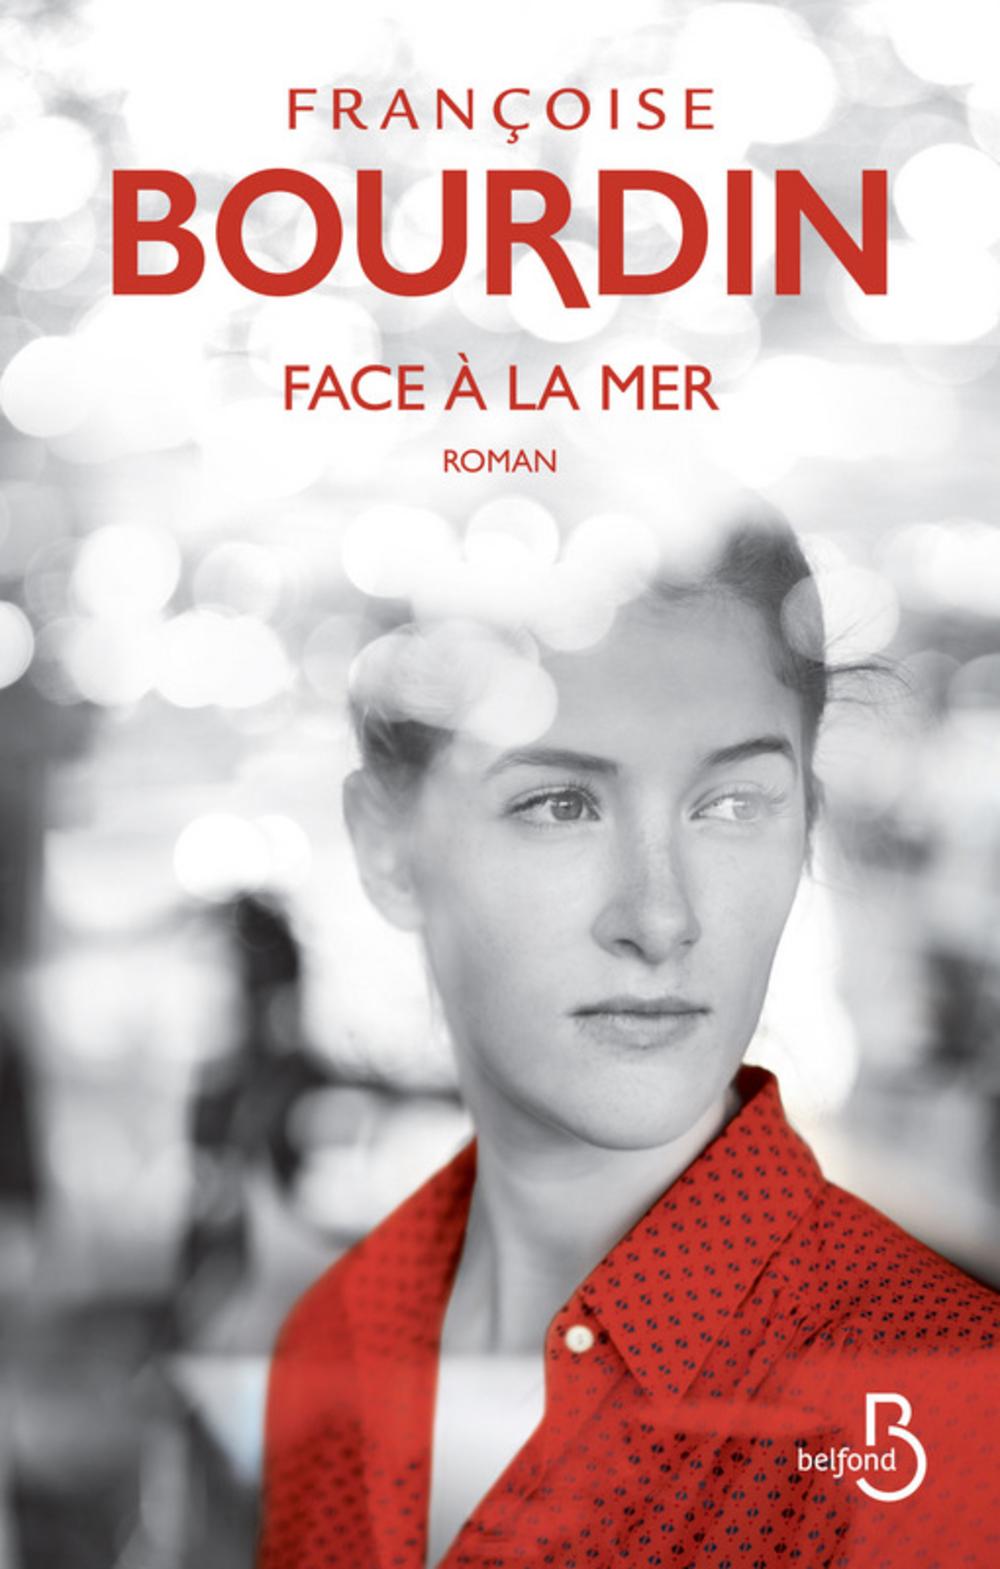 Face à la mer | BOURDIN, Françoise